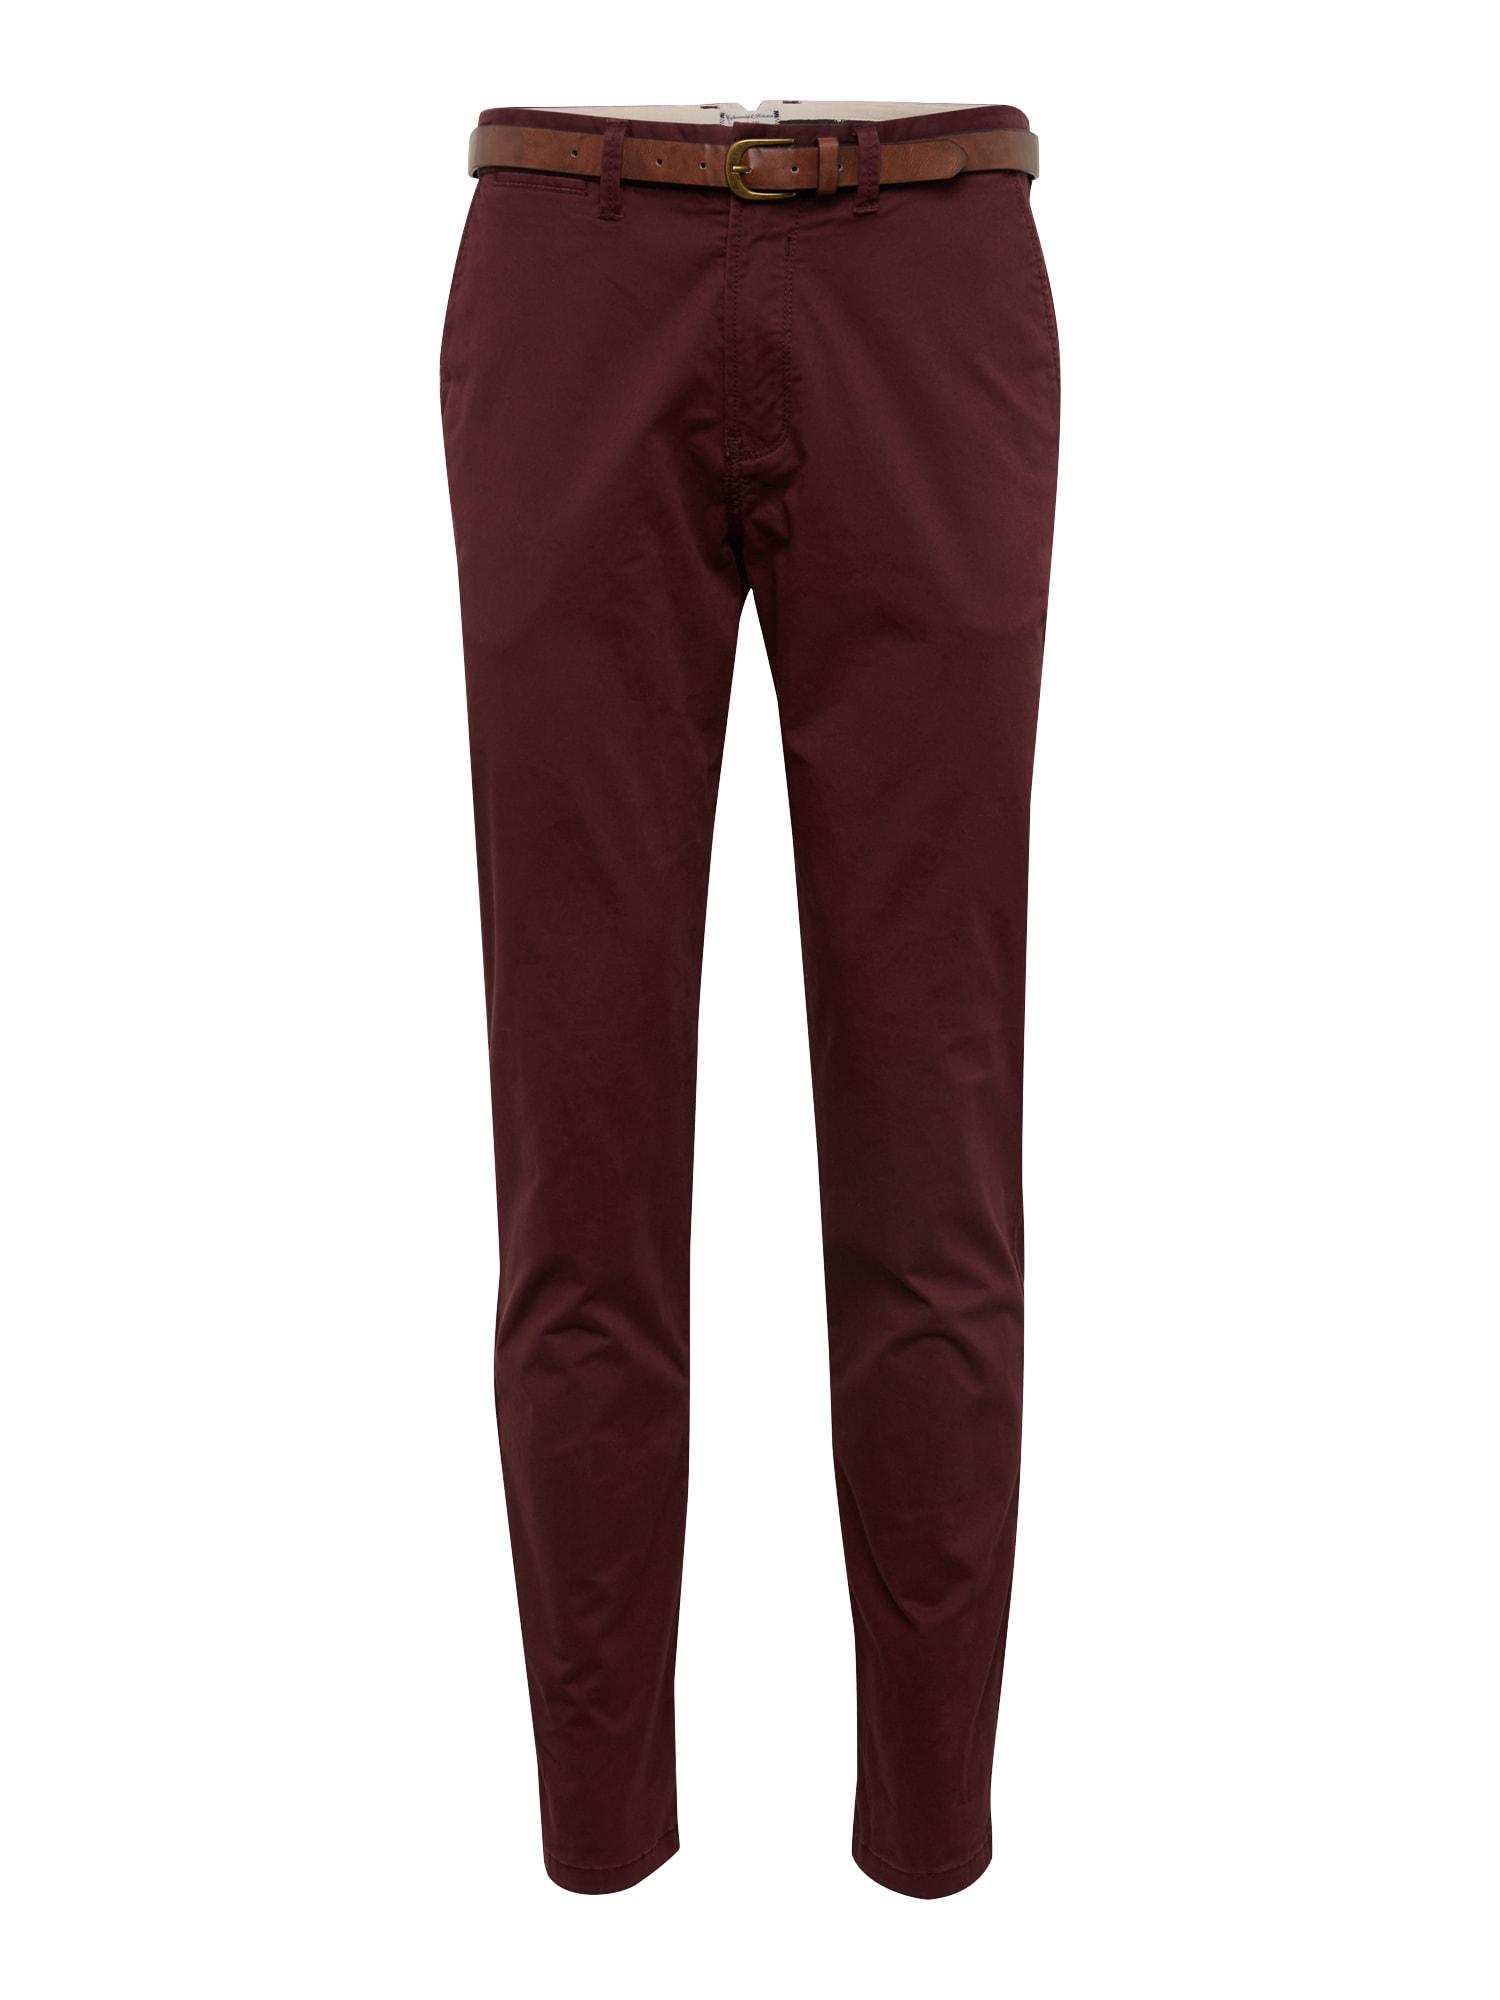 Chino kalhoty CODY JJSPENCER vínově červená JACK & JONES